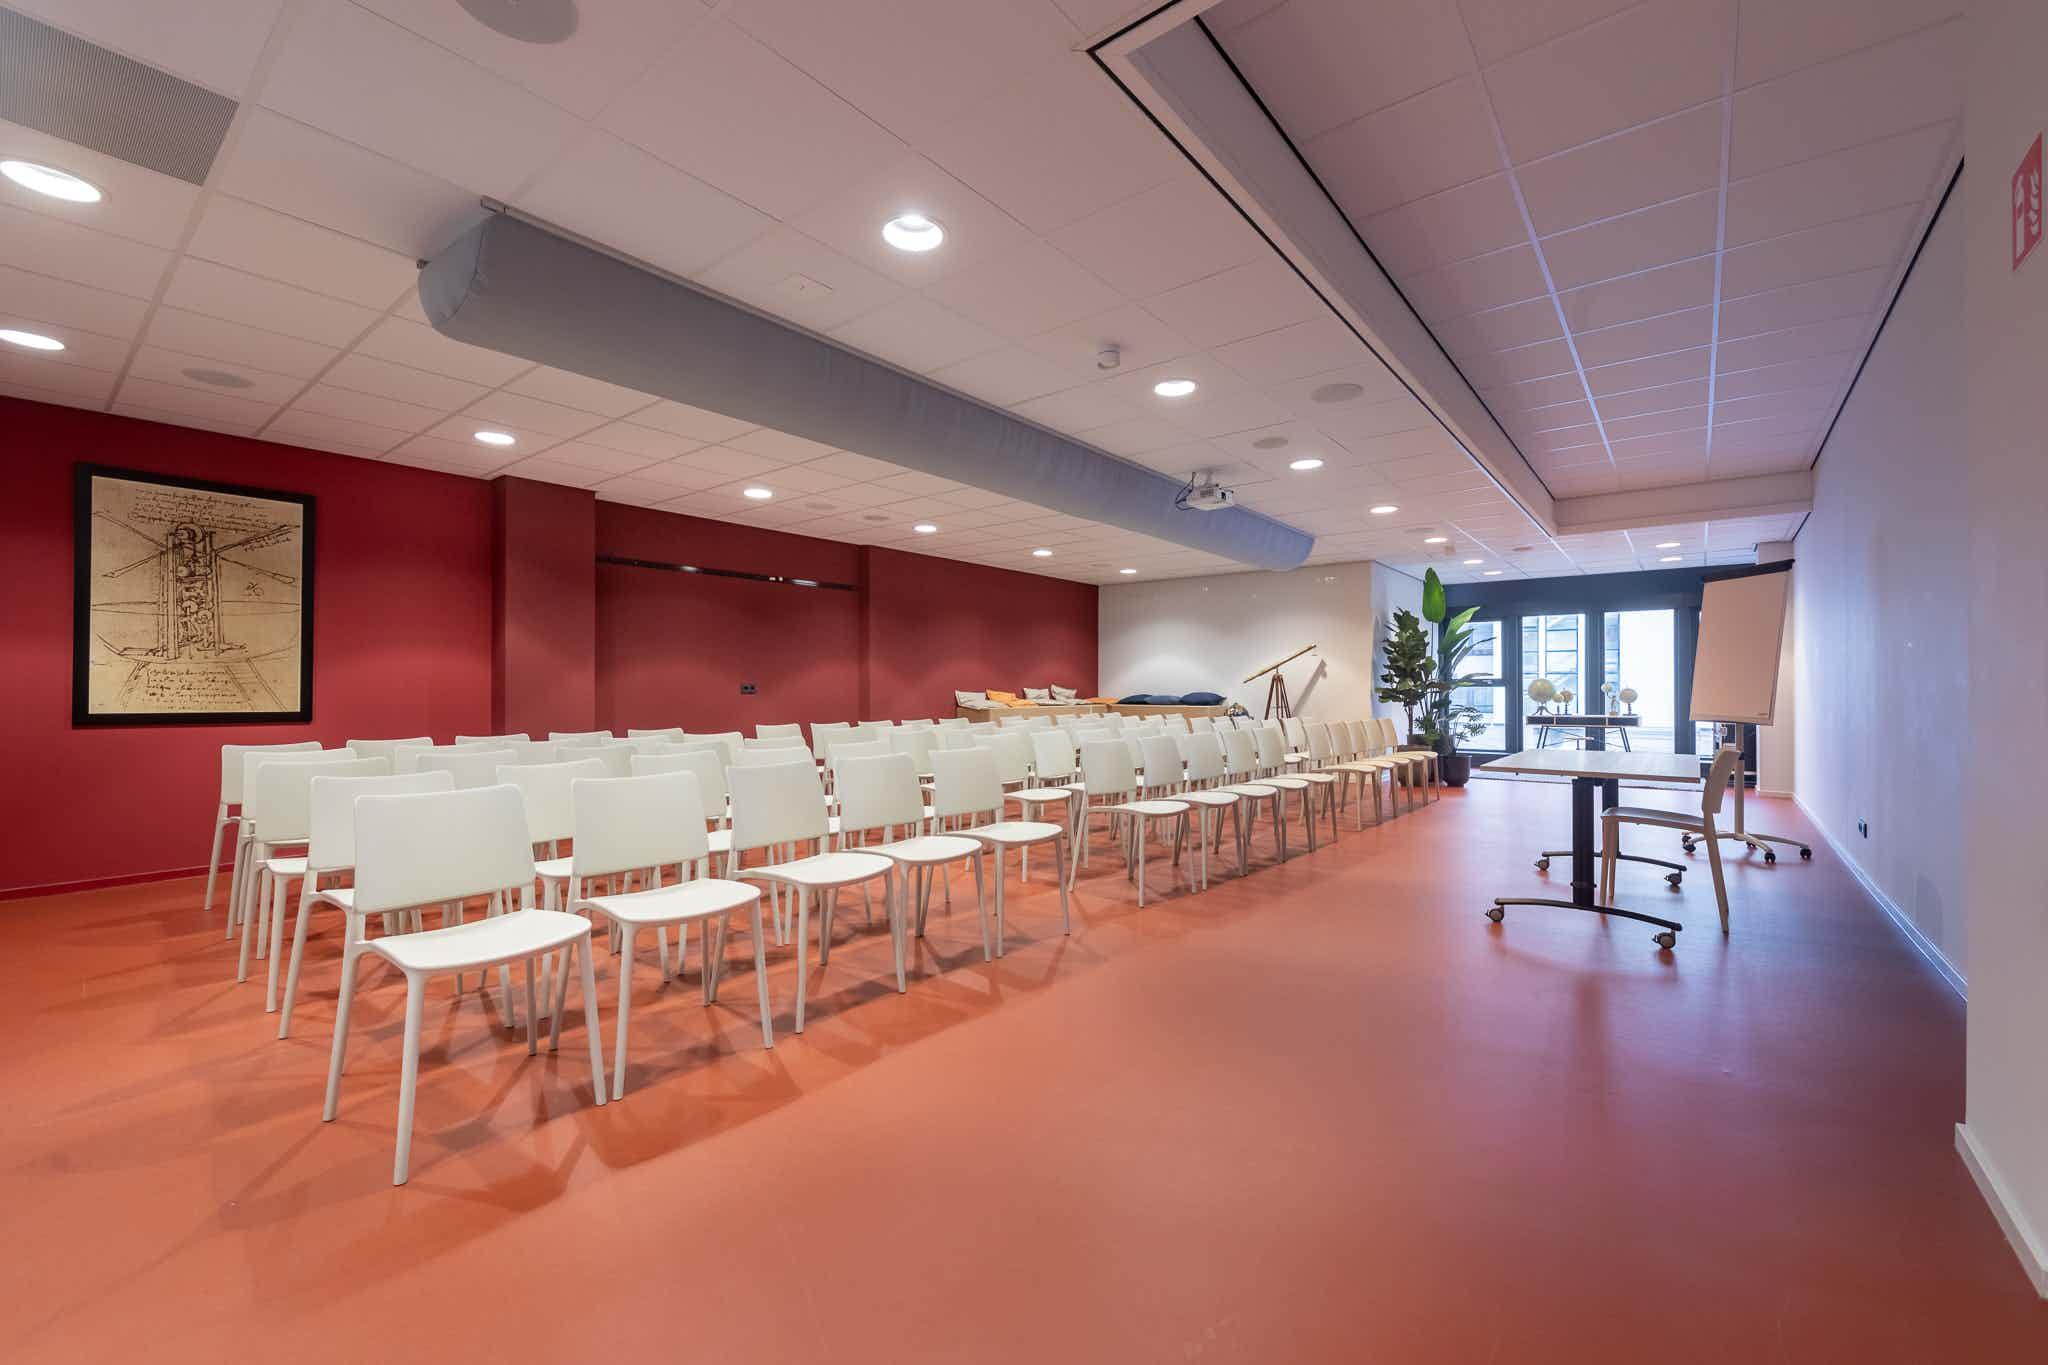 Conferentie zaal, Aristo meeting plaza Utrecht CS